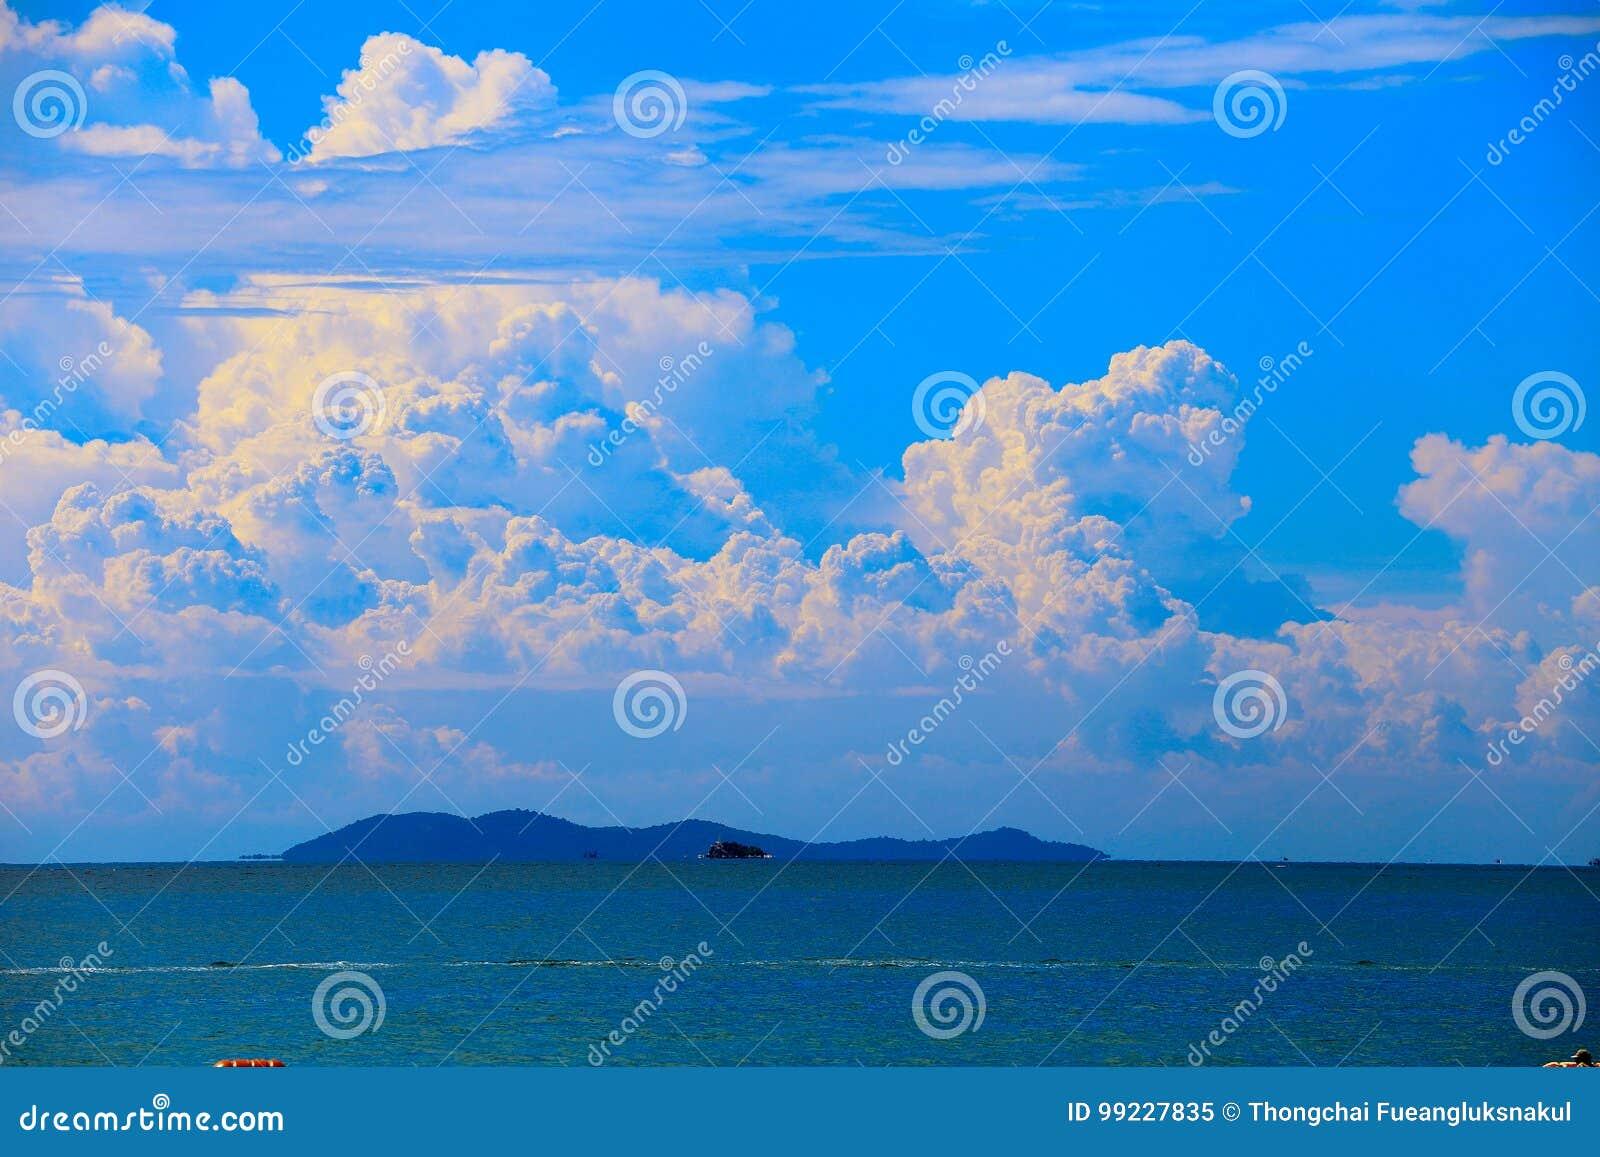 Morze z niebieskim niebem, chmura i góry, jako natura